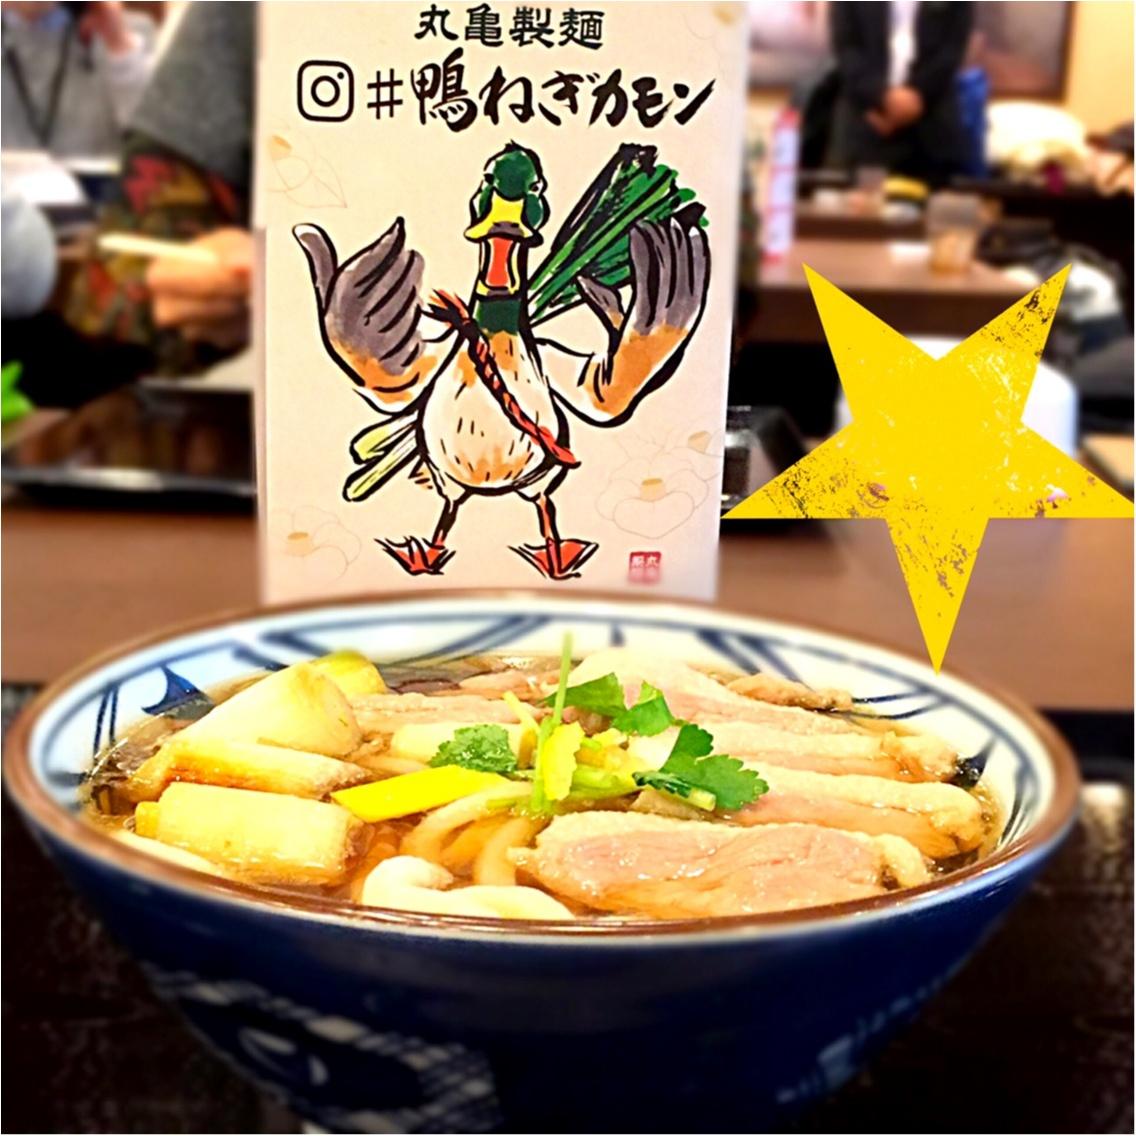 今日から期間限定☆丸亀製麺の新商品は◯肉を使ったうどん♪_9